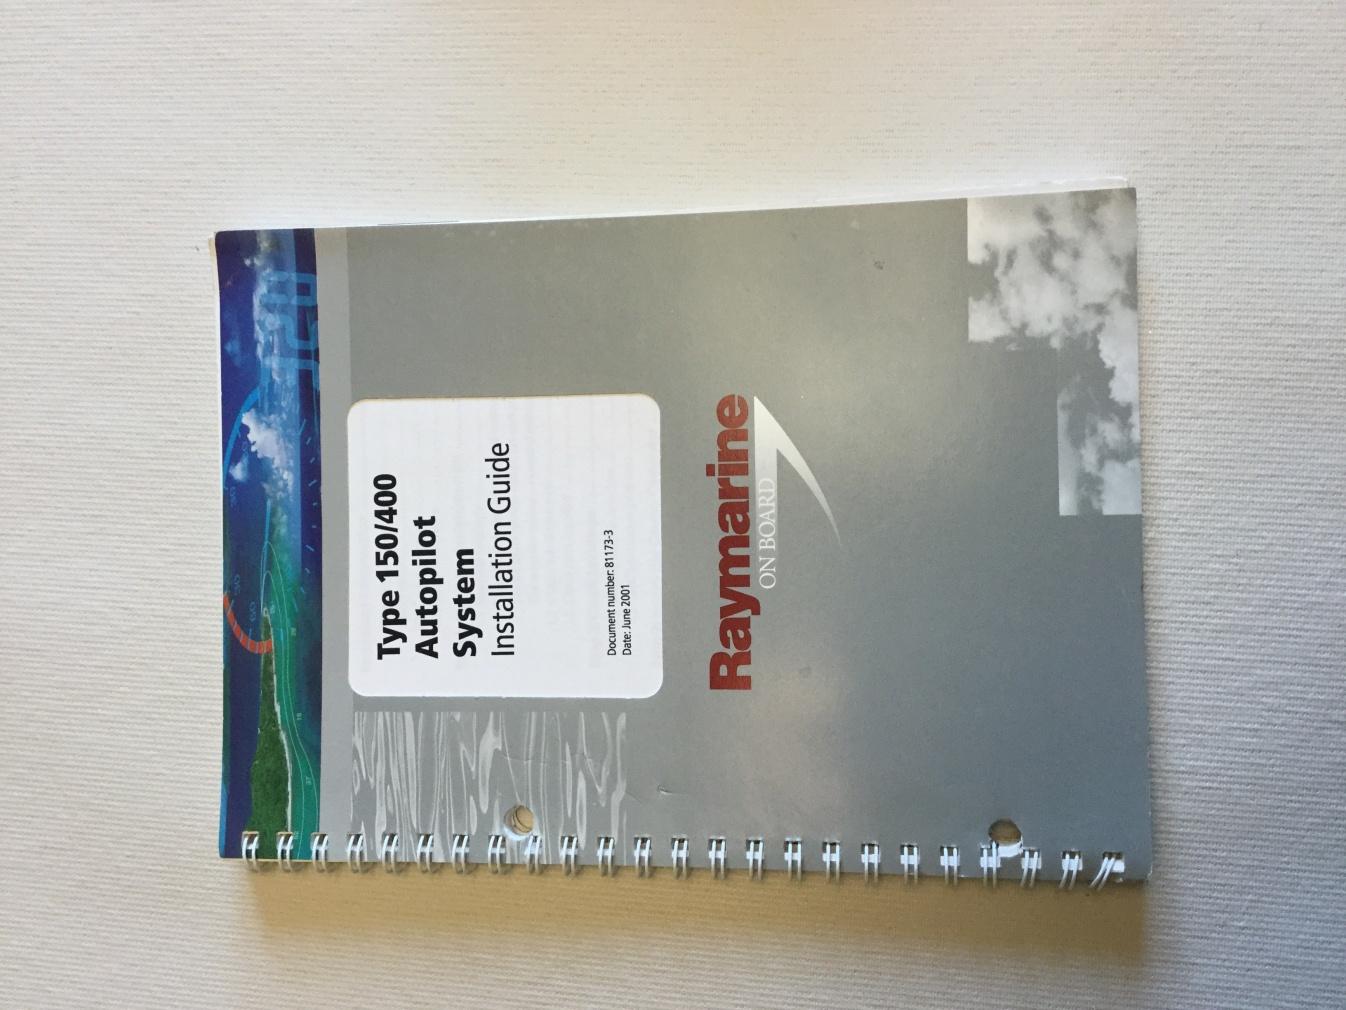 For Sale: ST era Raymarine electronics - Cruisers & Sailing